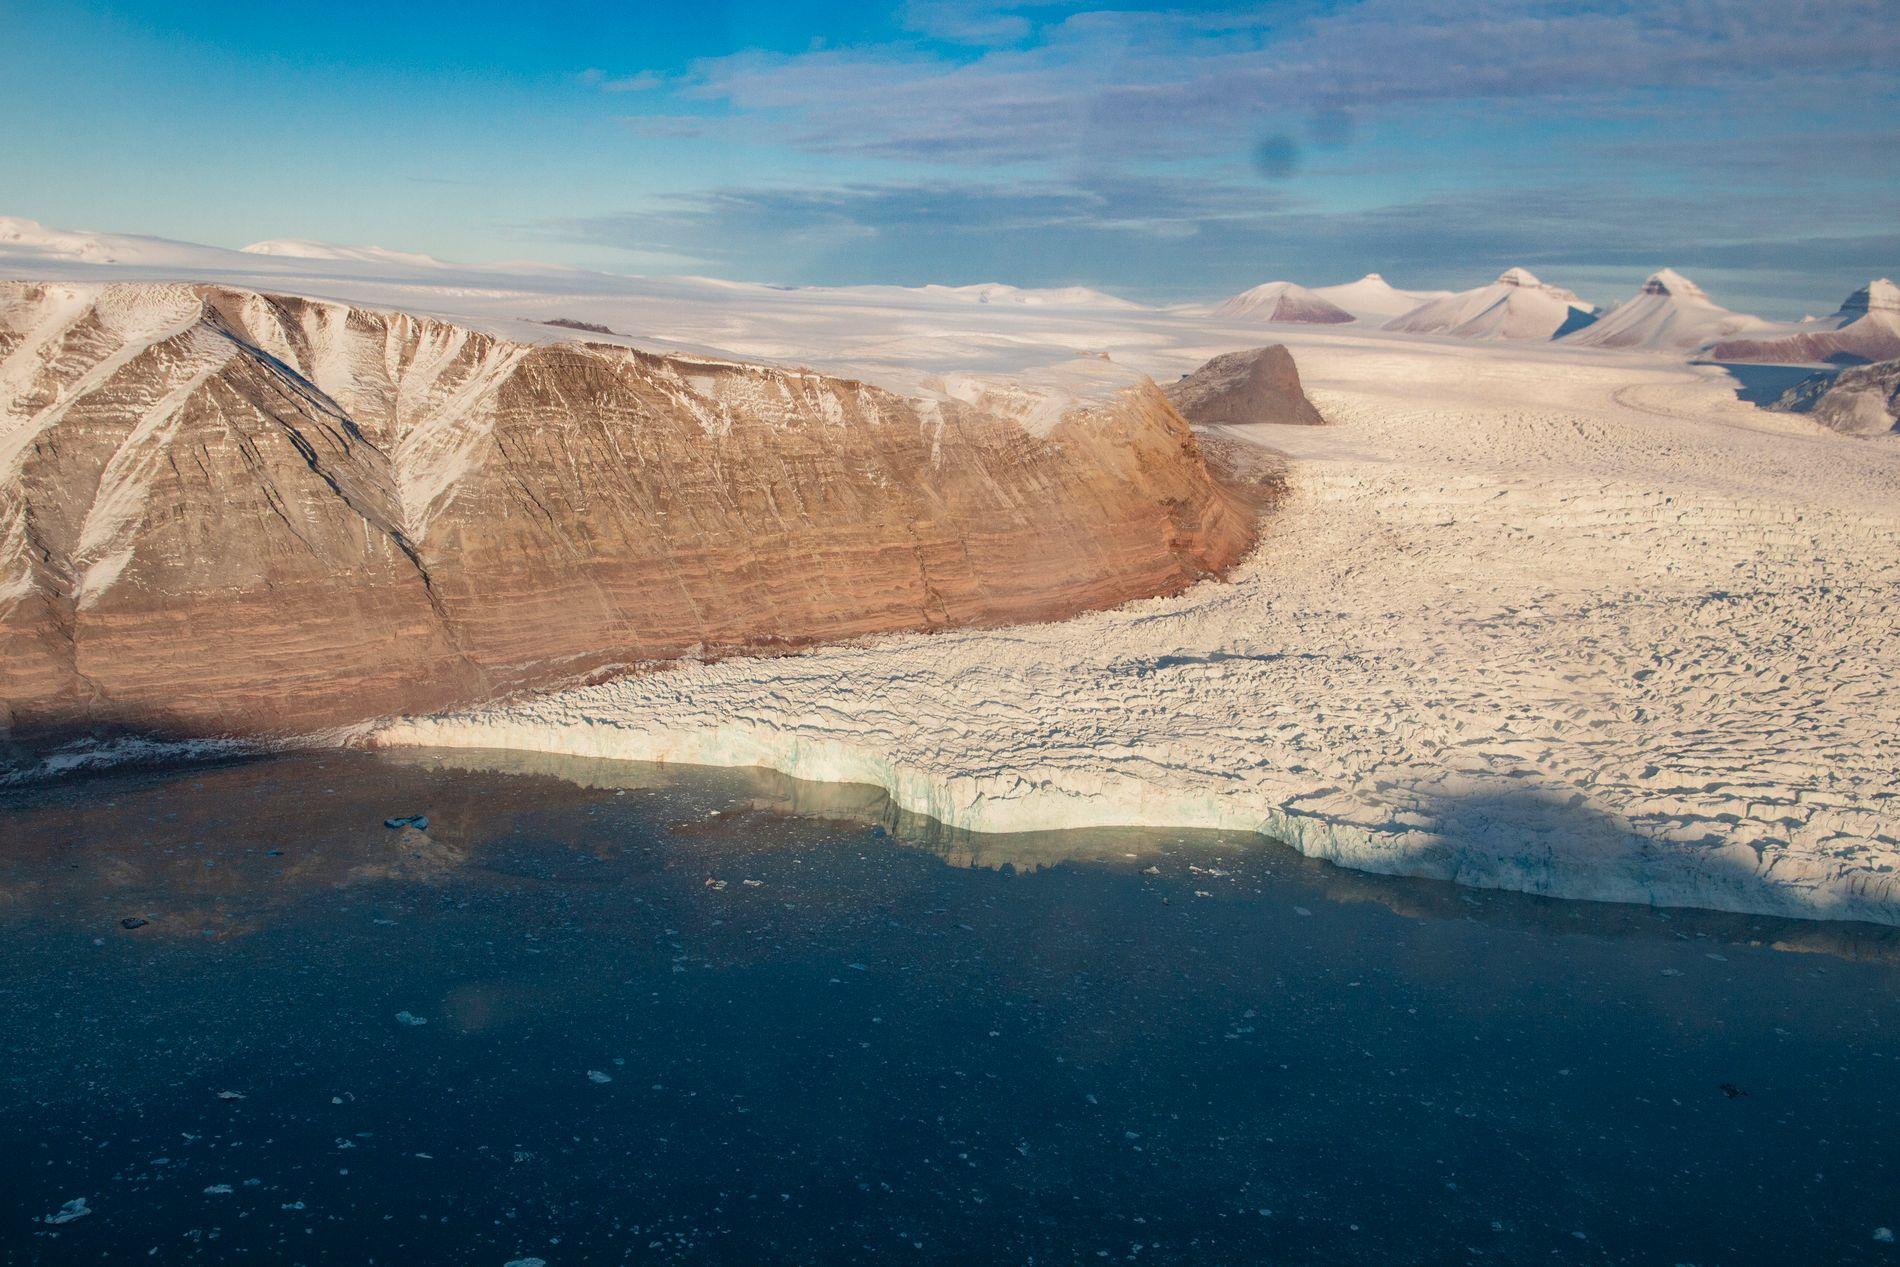 En av de store isbreene som kalver ut i Kongsfjorden ved Ny-Ålesund på Svalbard. Om 80 år er denne trolig mye mindre, dersom utslippet av klimagasser fortsetter å øke i dagens takt. Foto: Are Føli / NTB scanpix.